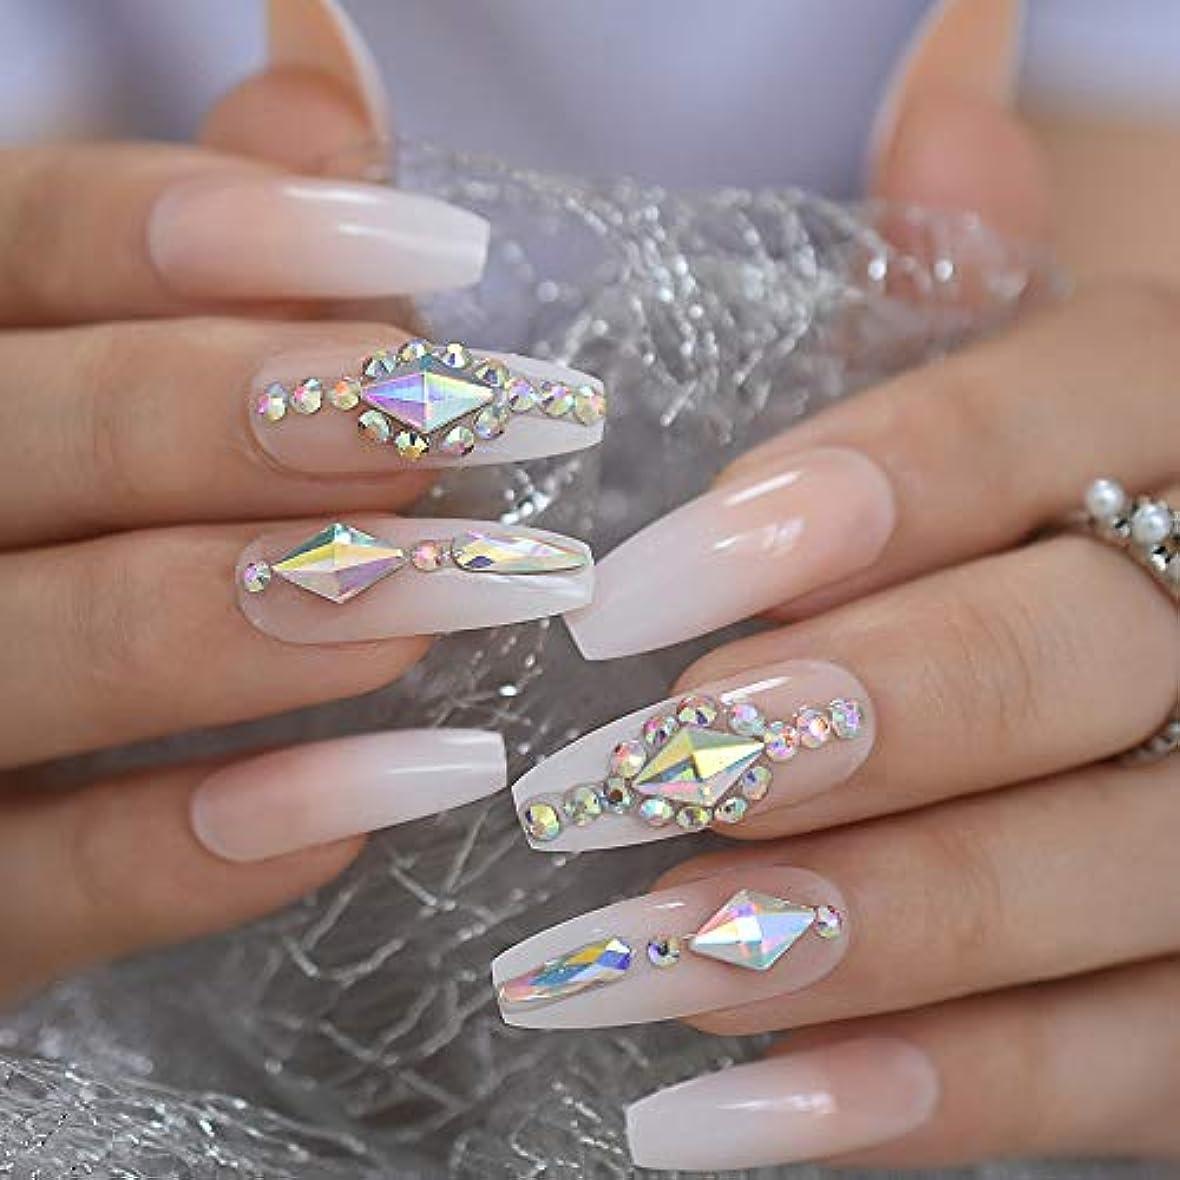 動有能な正確さXUTXZKA ロング3D ketグリッターピンクヌードフェイクネイルGradeint Natrual Press on Finger Wear Nails